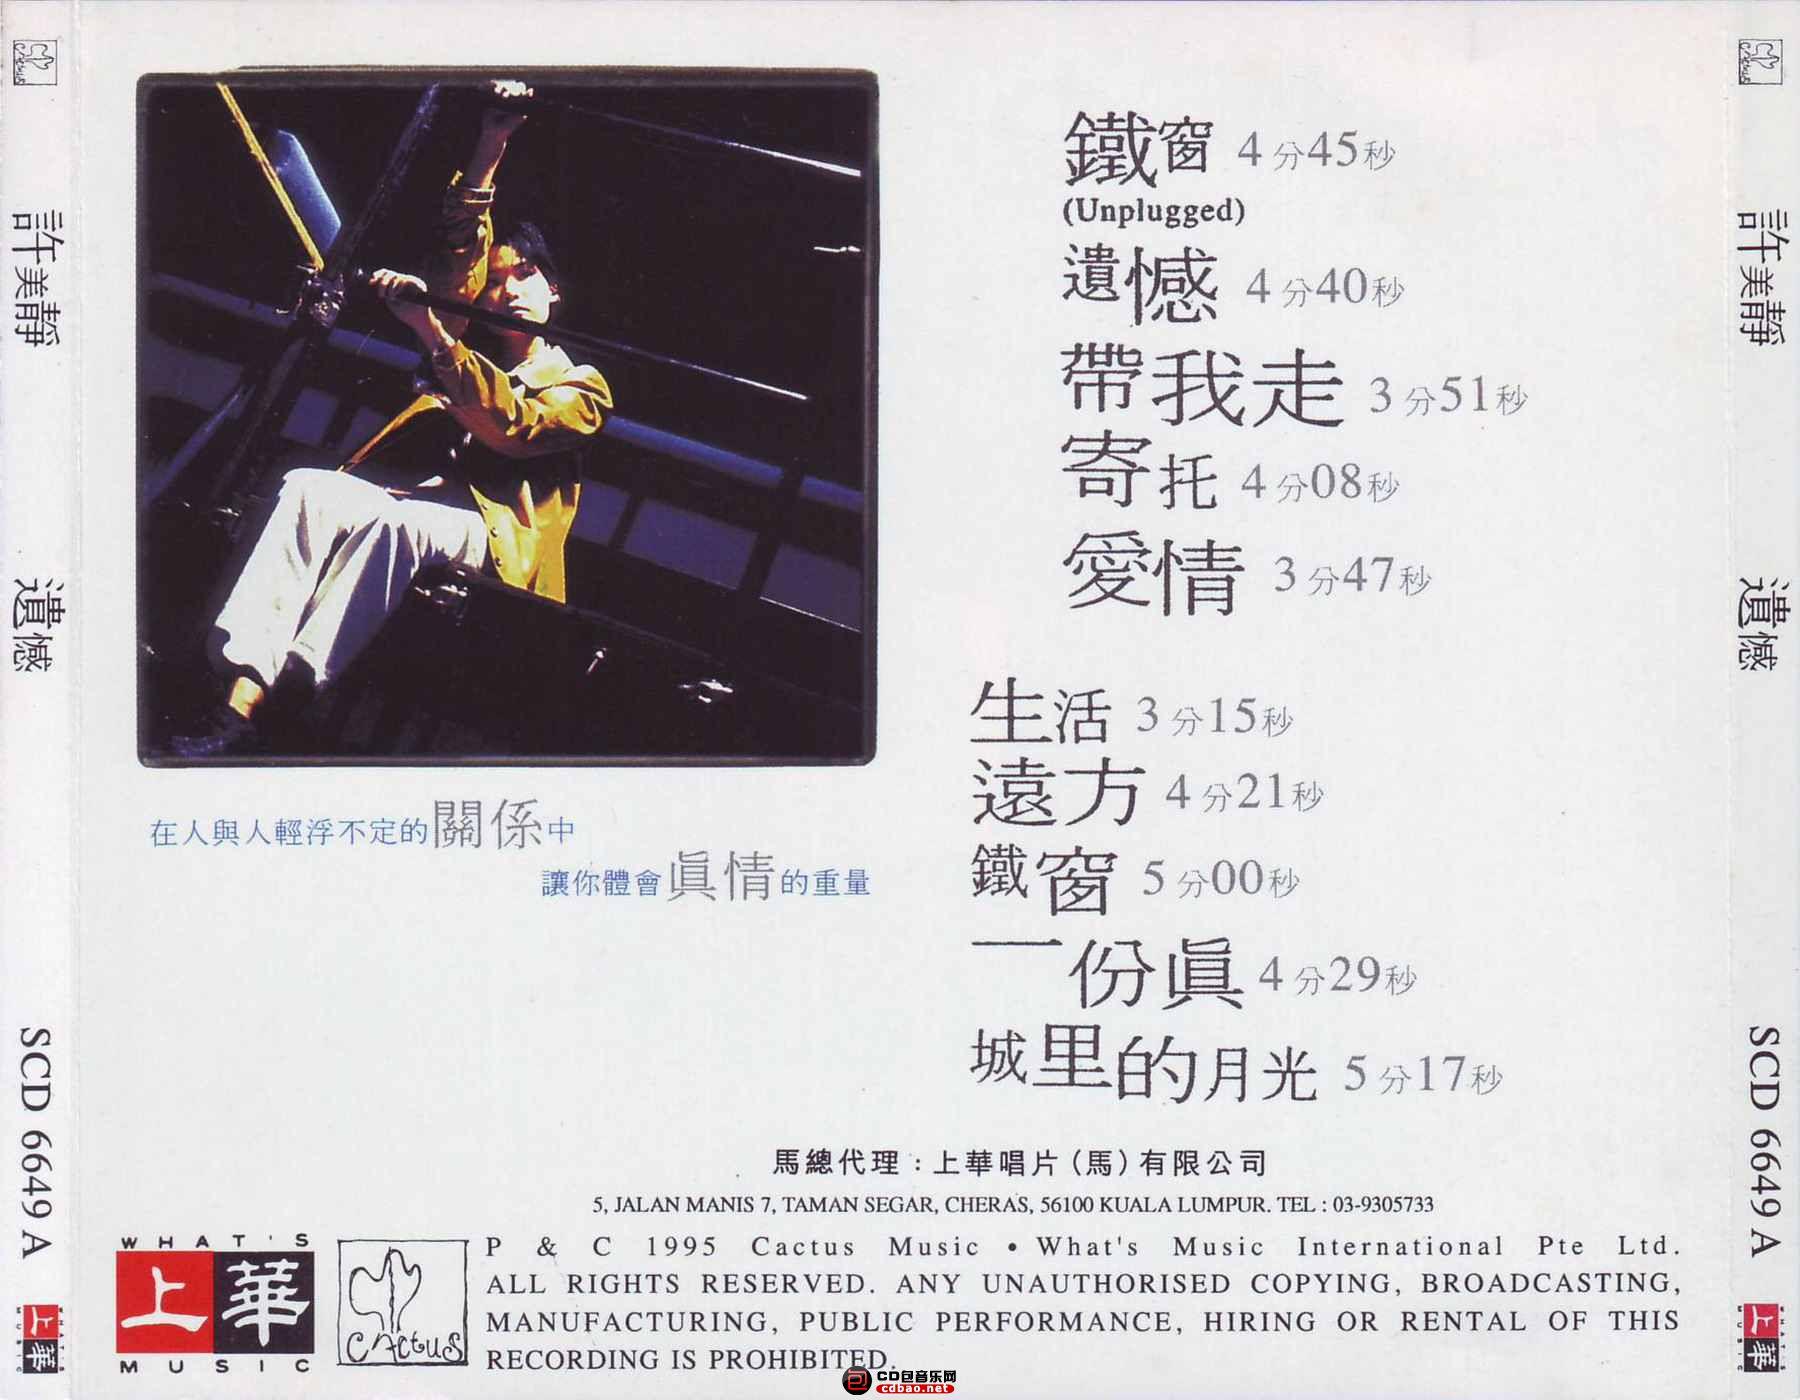 许美静-遗憾95版02 1.JPG